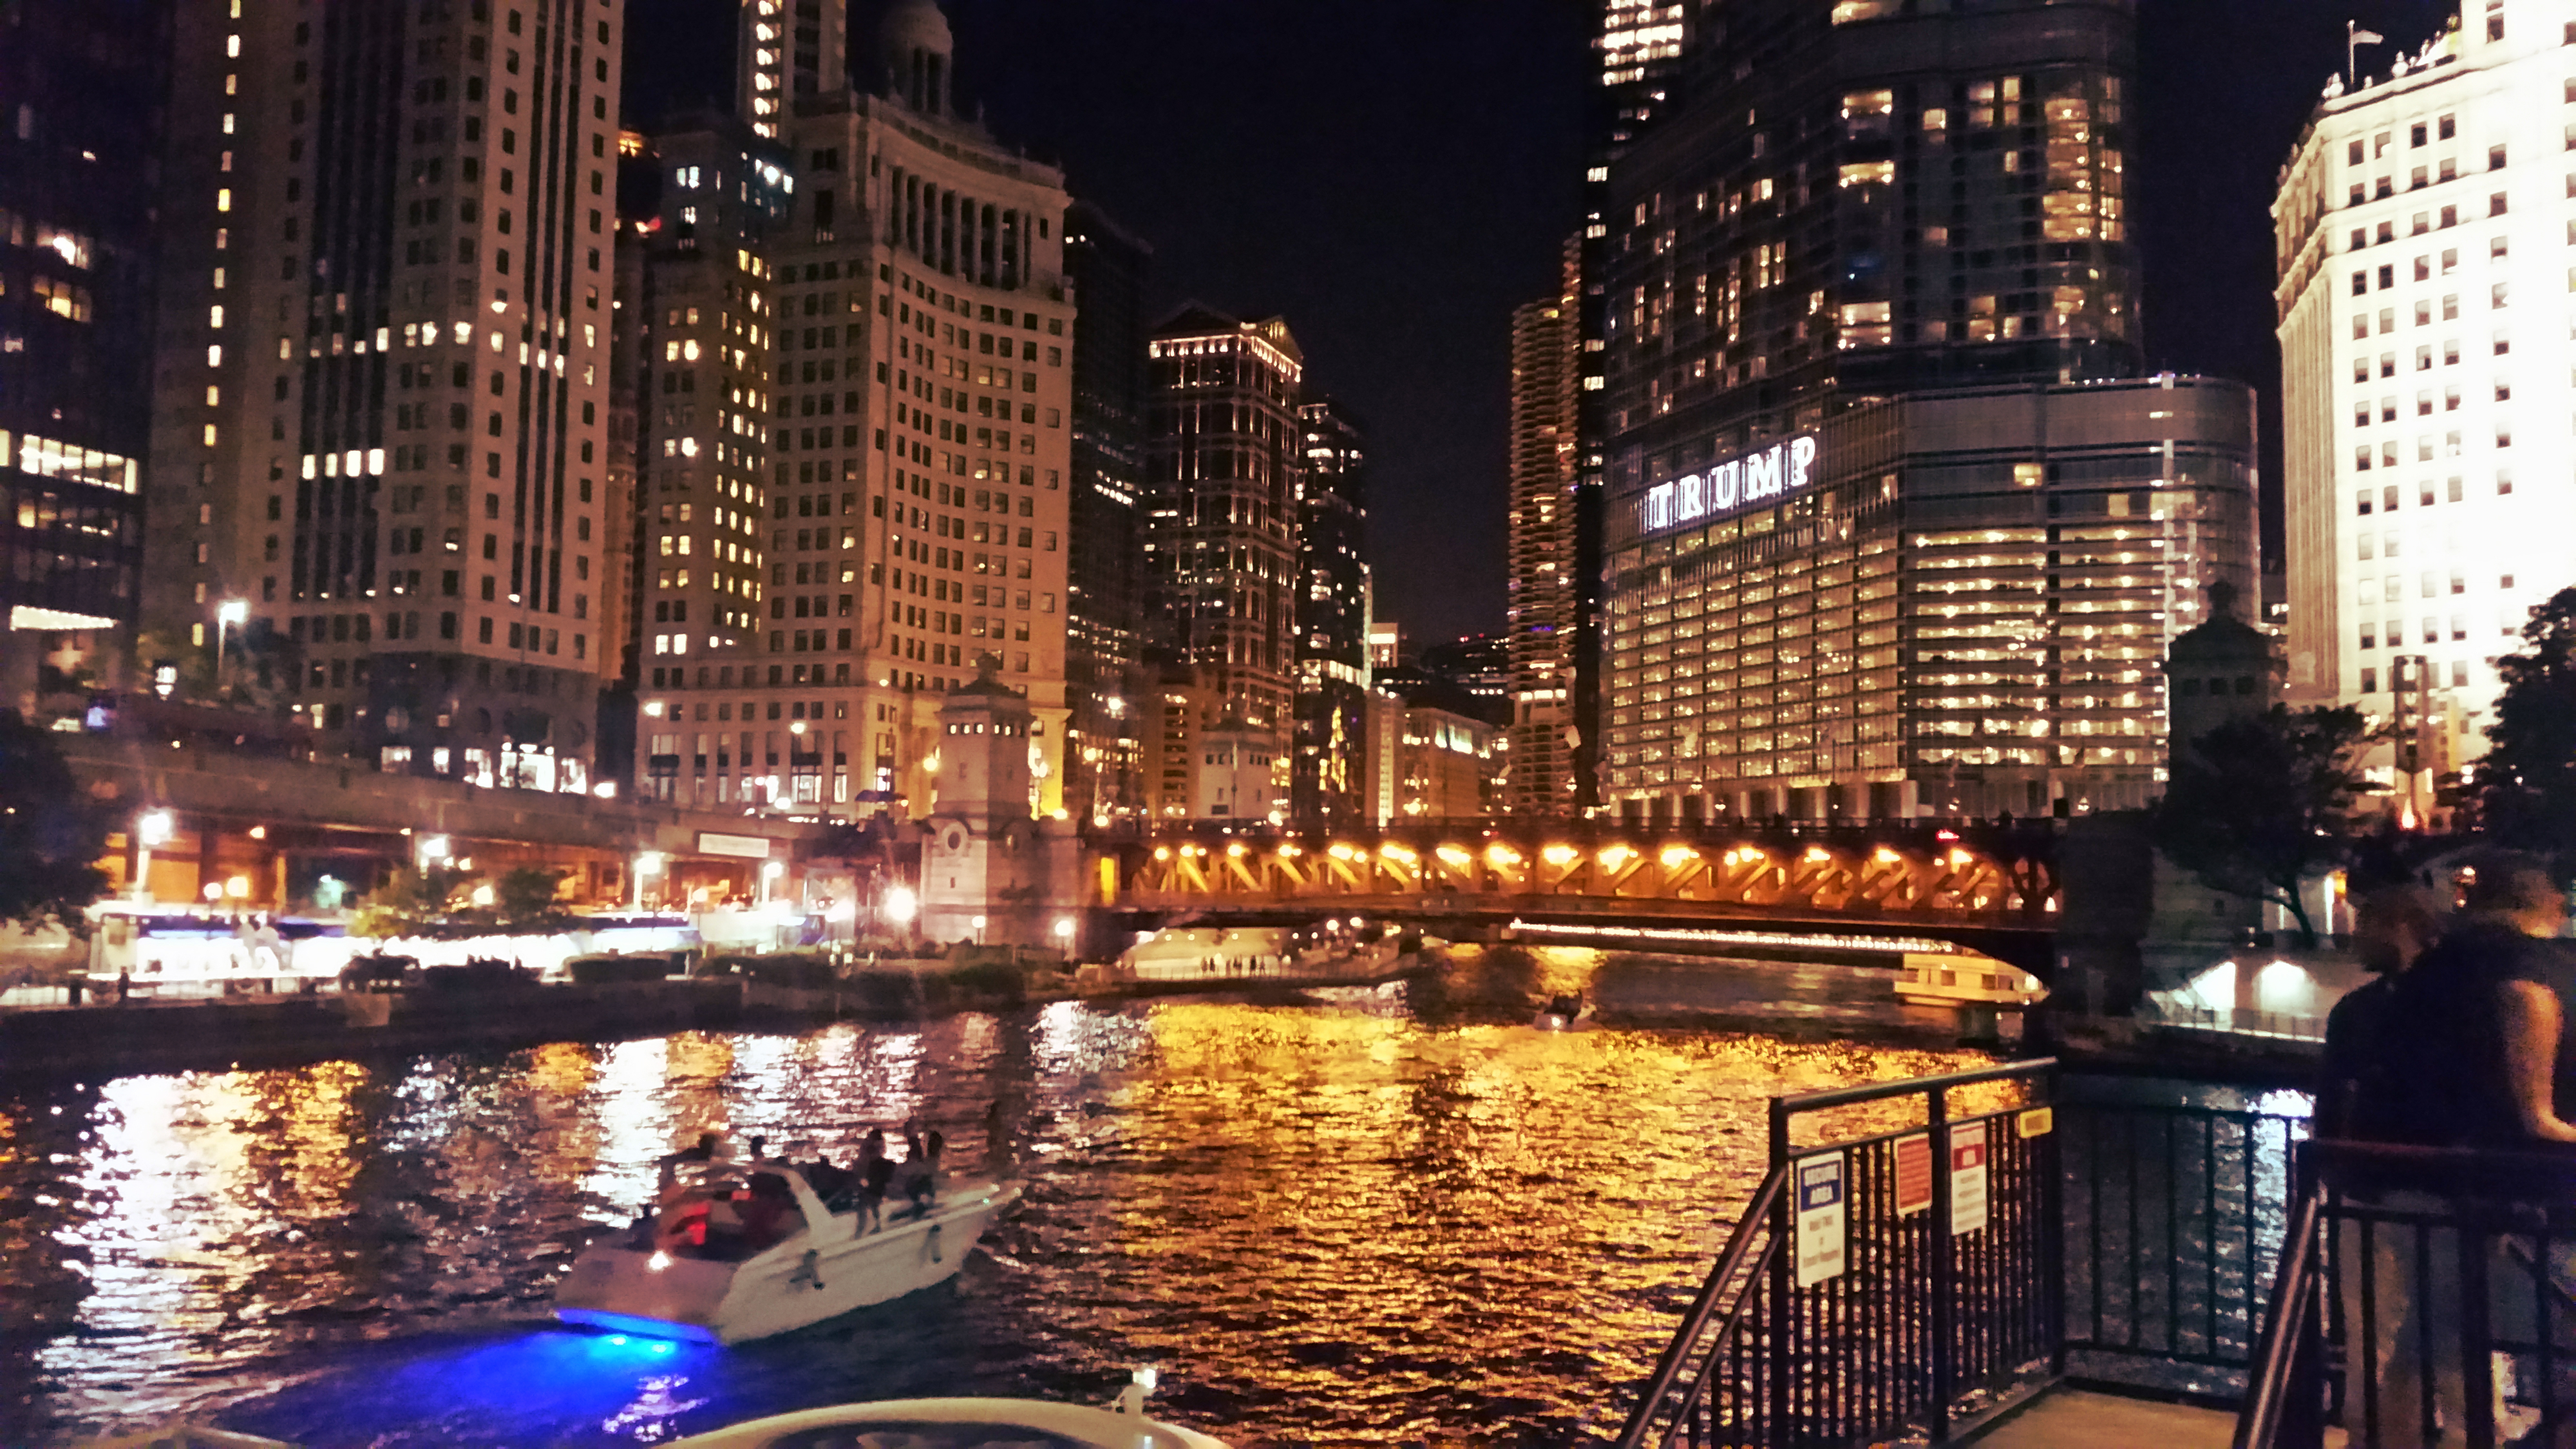 Best Restaurants In Chicago Magnificent Mile